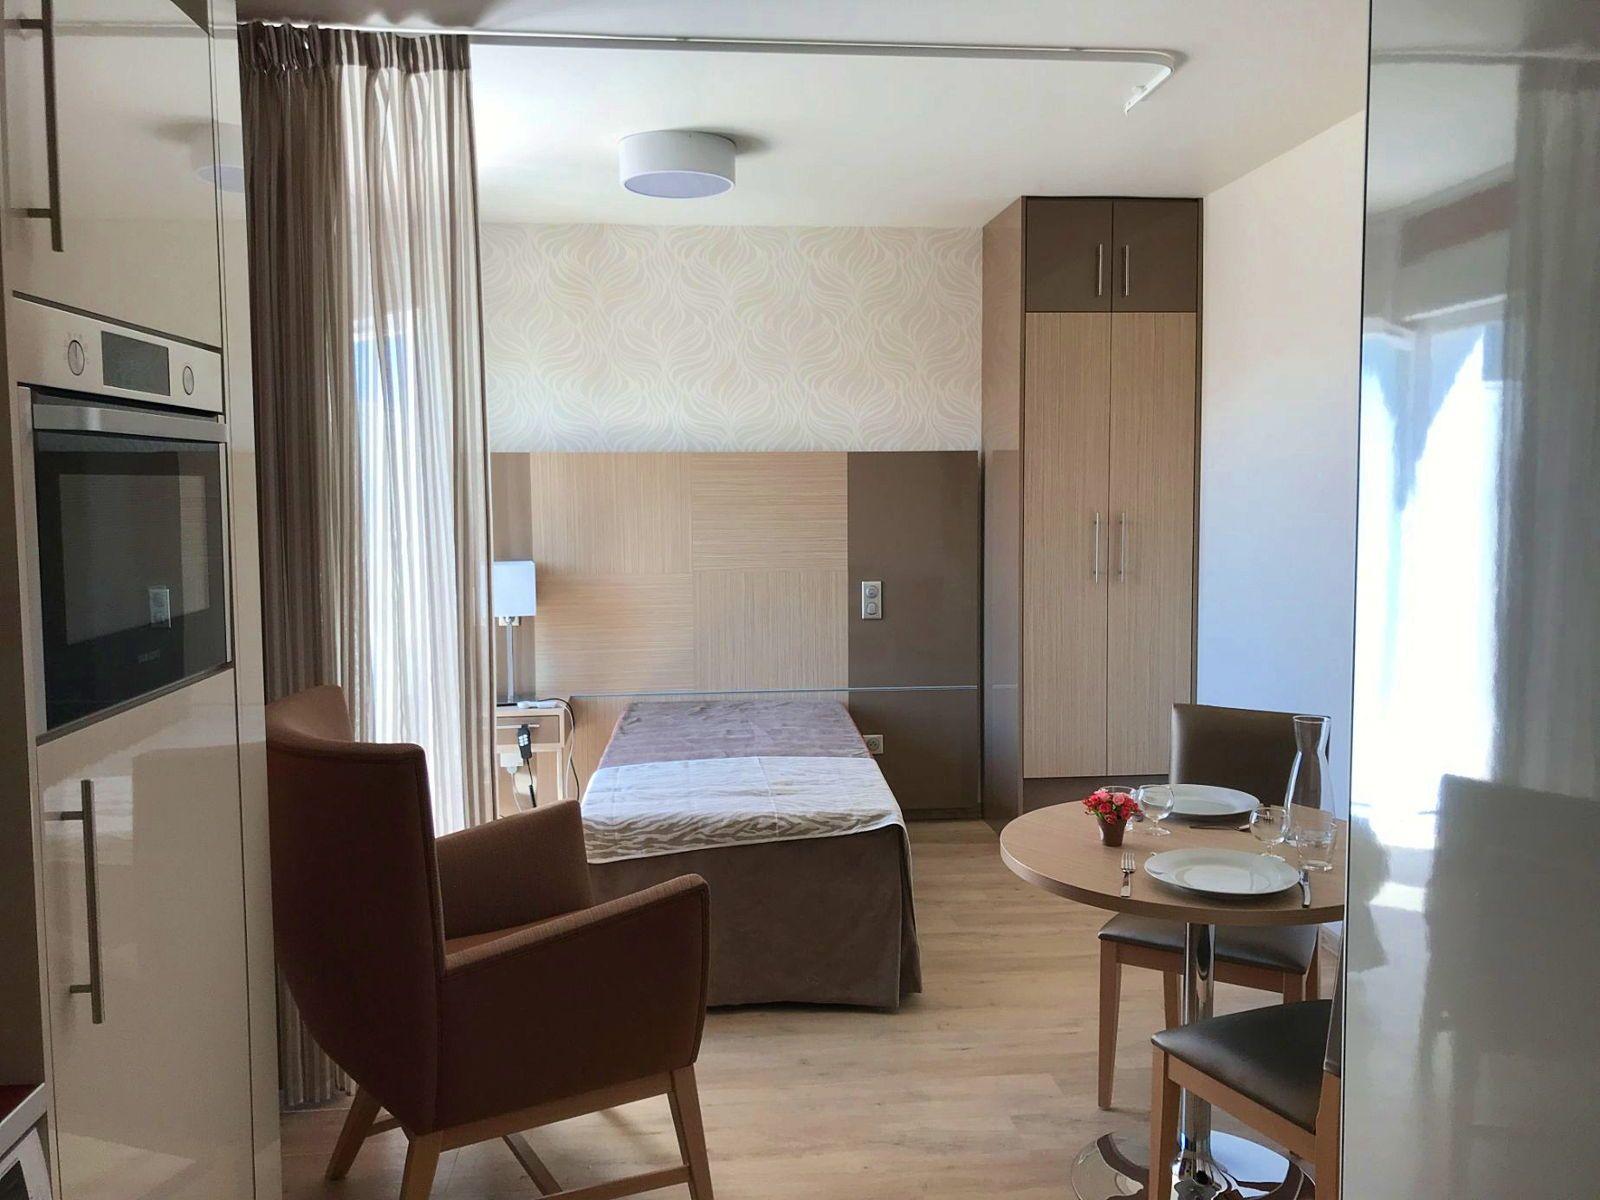 Loue appartement T127,33m² dans Résidence Senior à Montreuil, Croix de Chavaux - Montreuil (93)